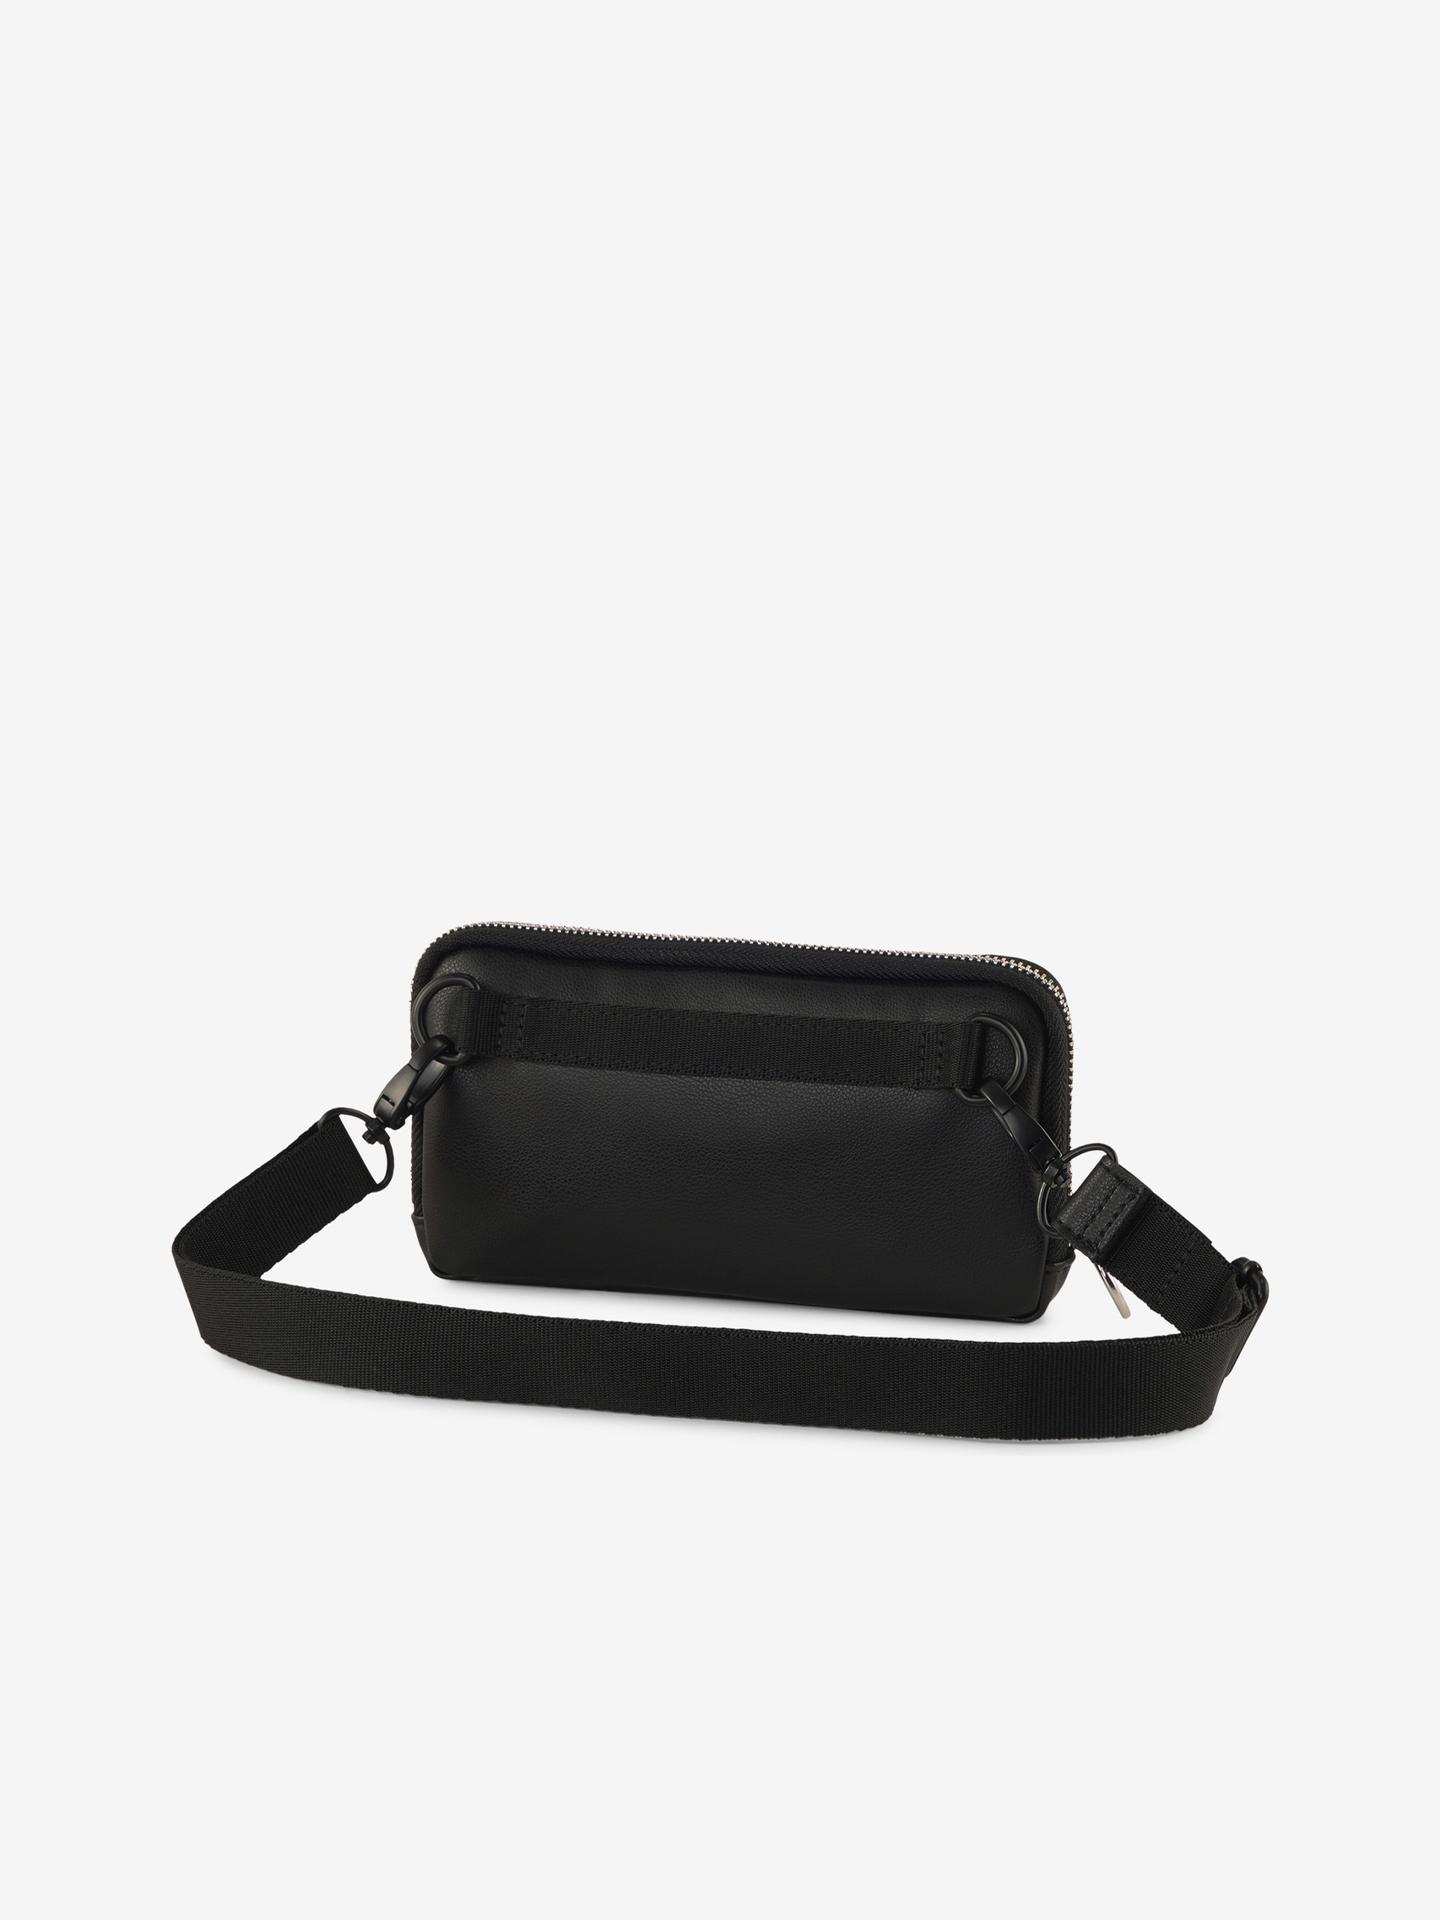 Puma black bum bag Premium X-Mas